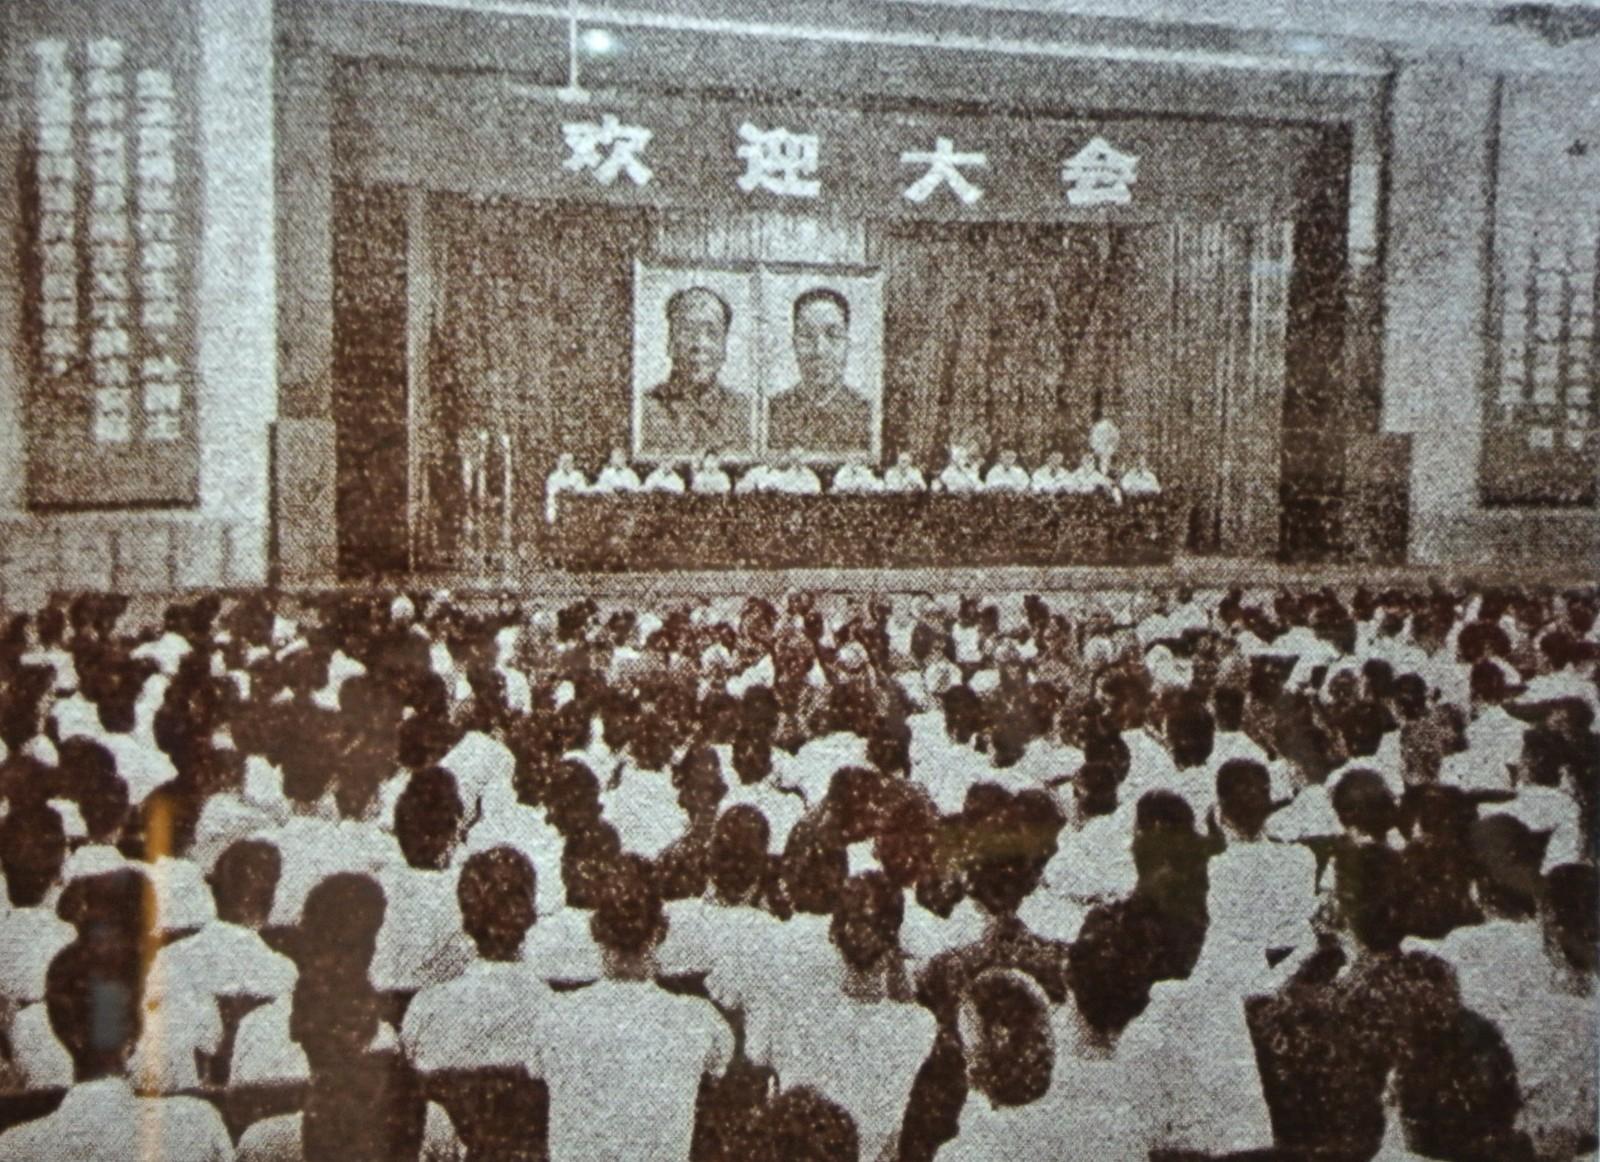 1977年6月25日,万里、顾卓新、赵守一出席安徽省委的欢迎大会.jpg